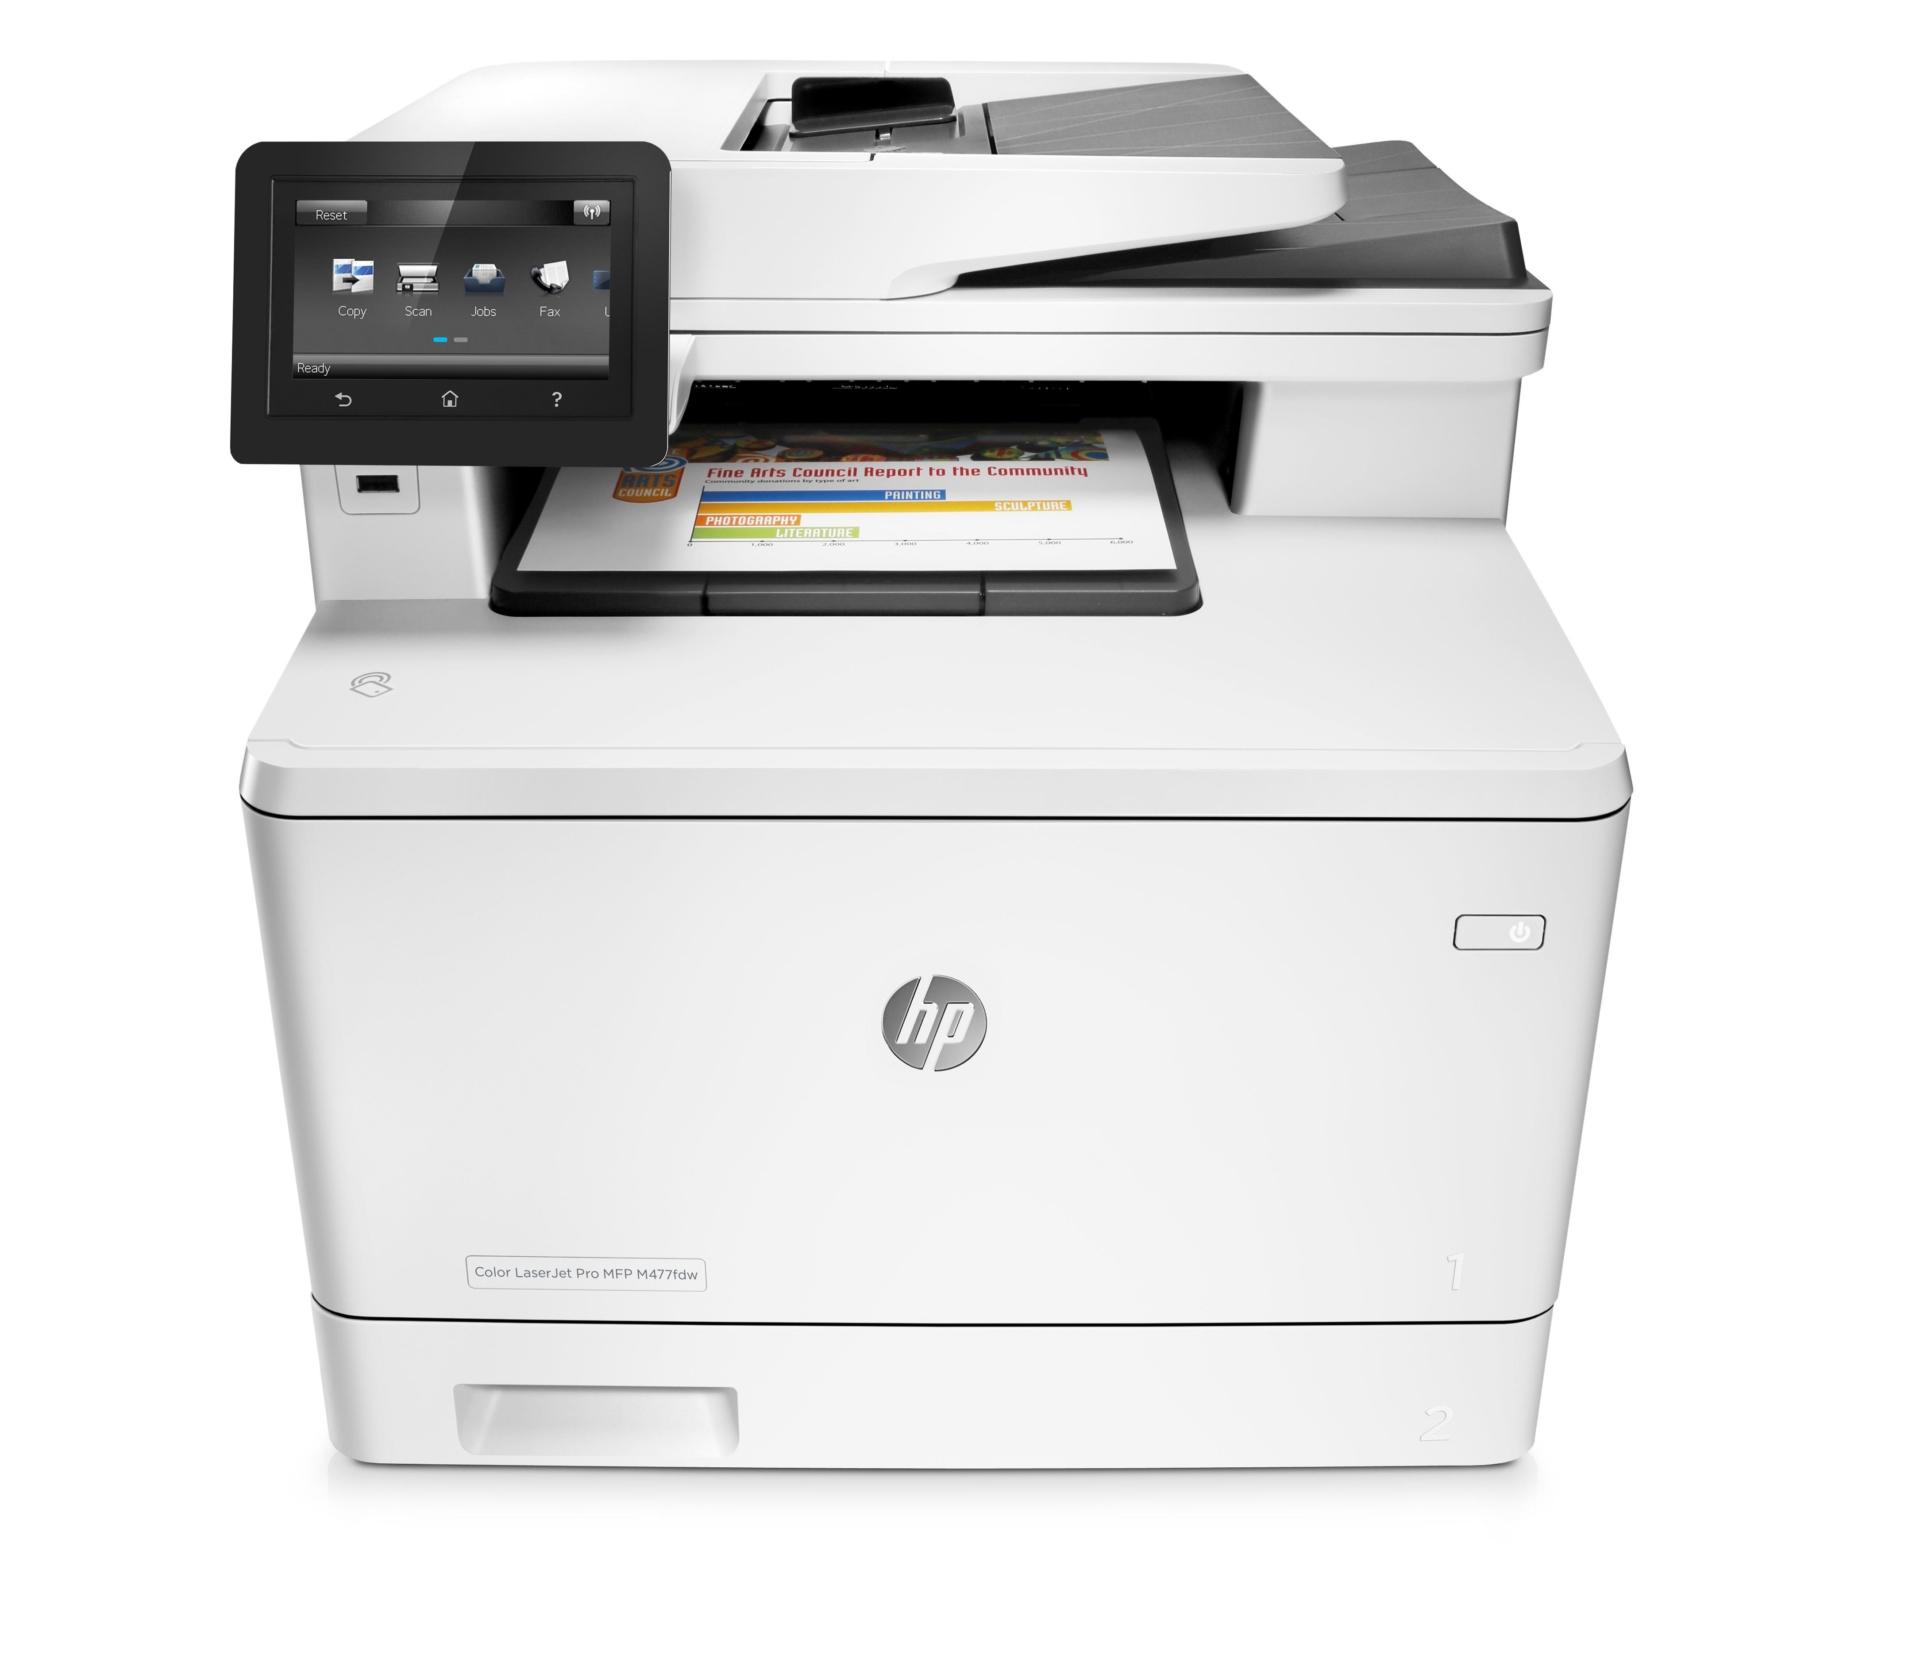 HP LaserJet Pro M477fdw